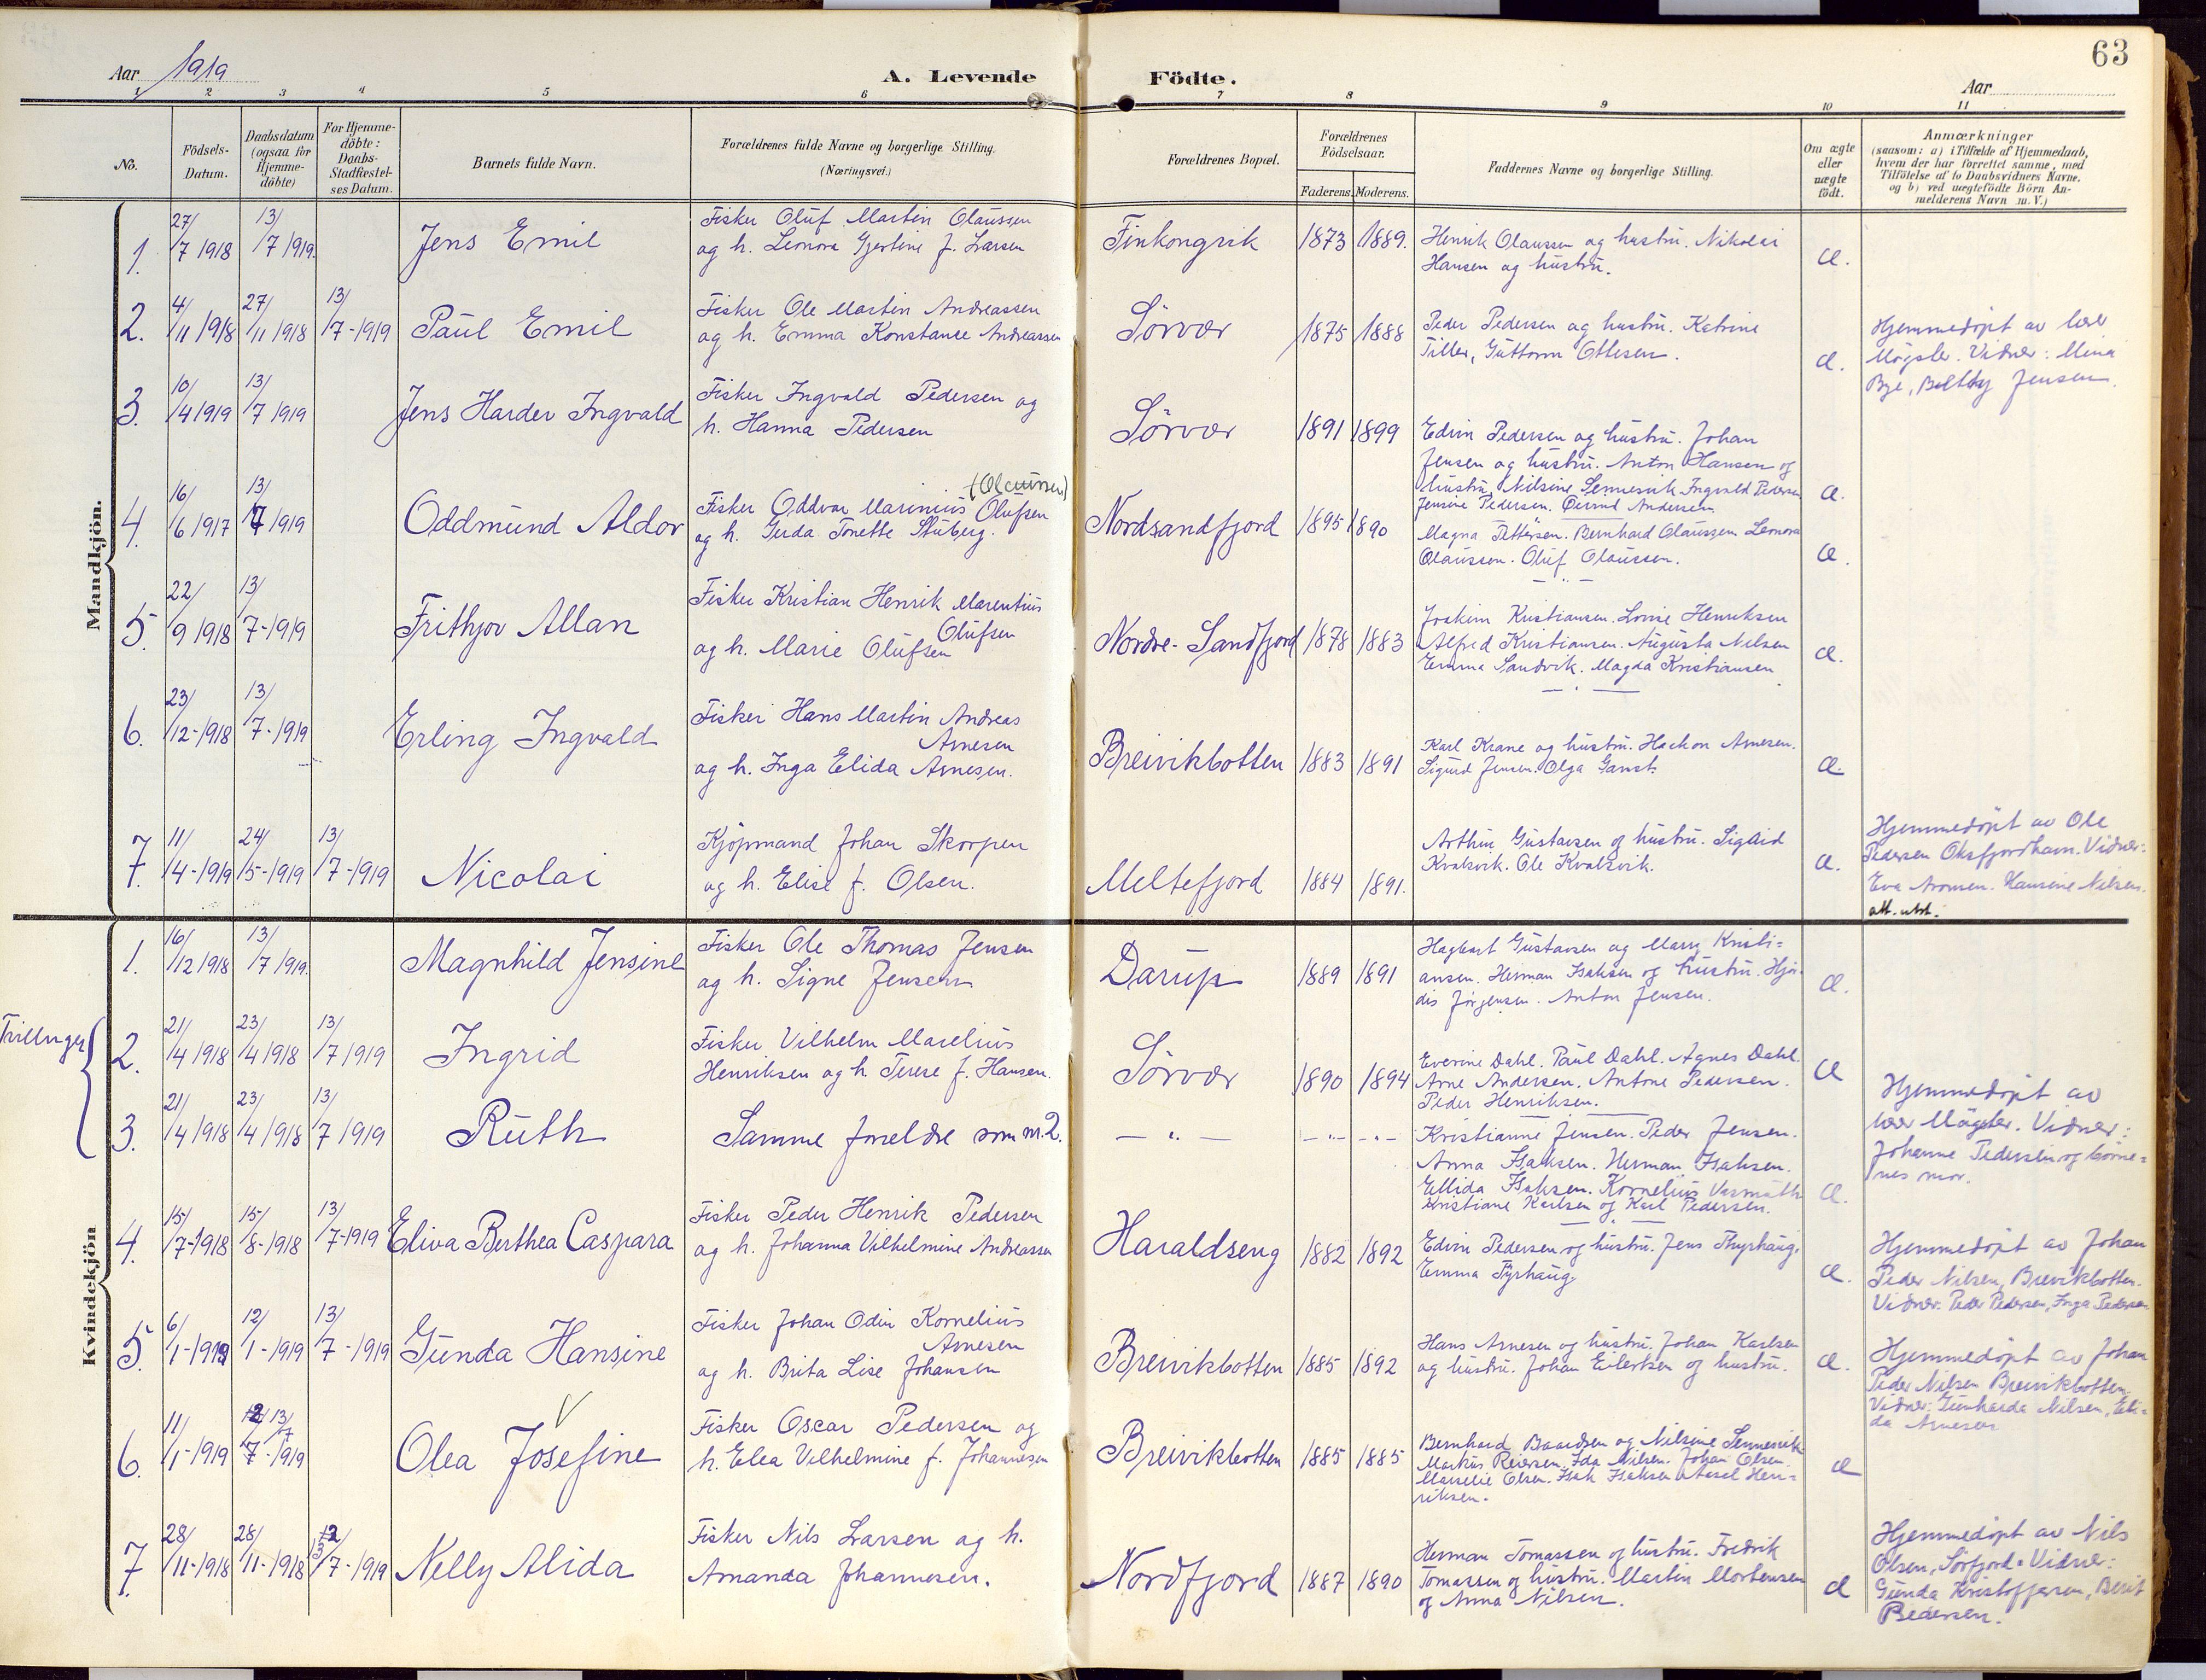 SATØ, Loppa sokneprestkontor, H/Ha/L0010kirke: Ministerialbok nr. 10, 1907-1922, s. 63